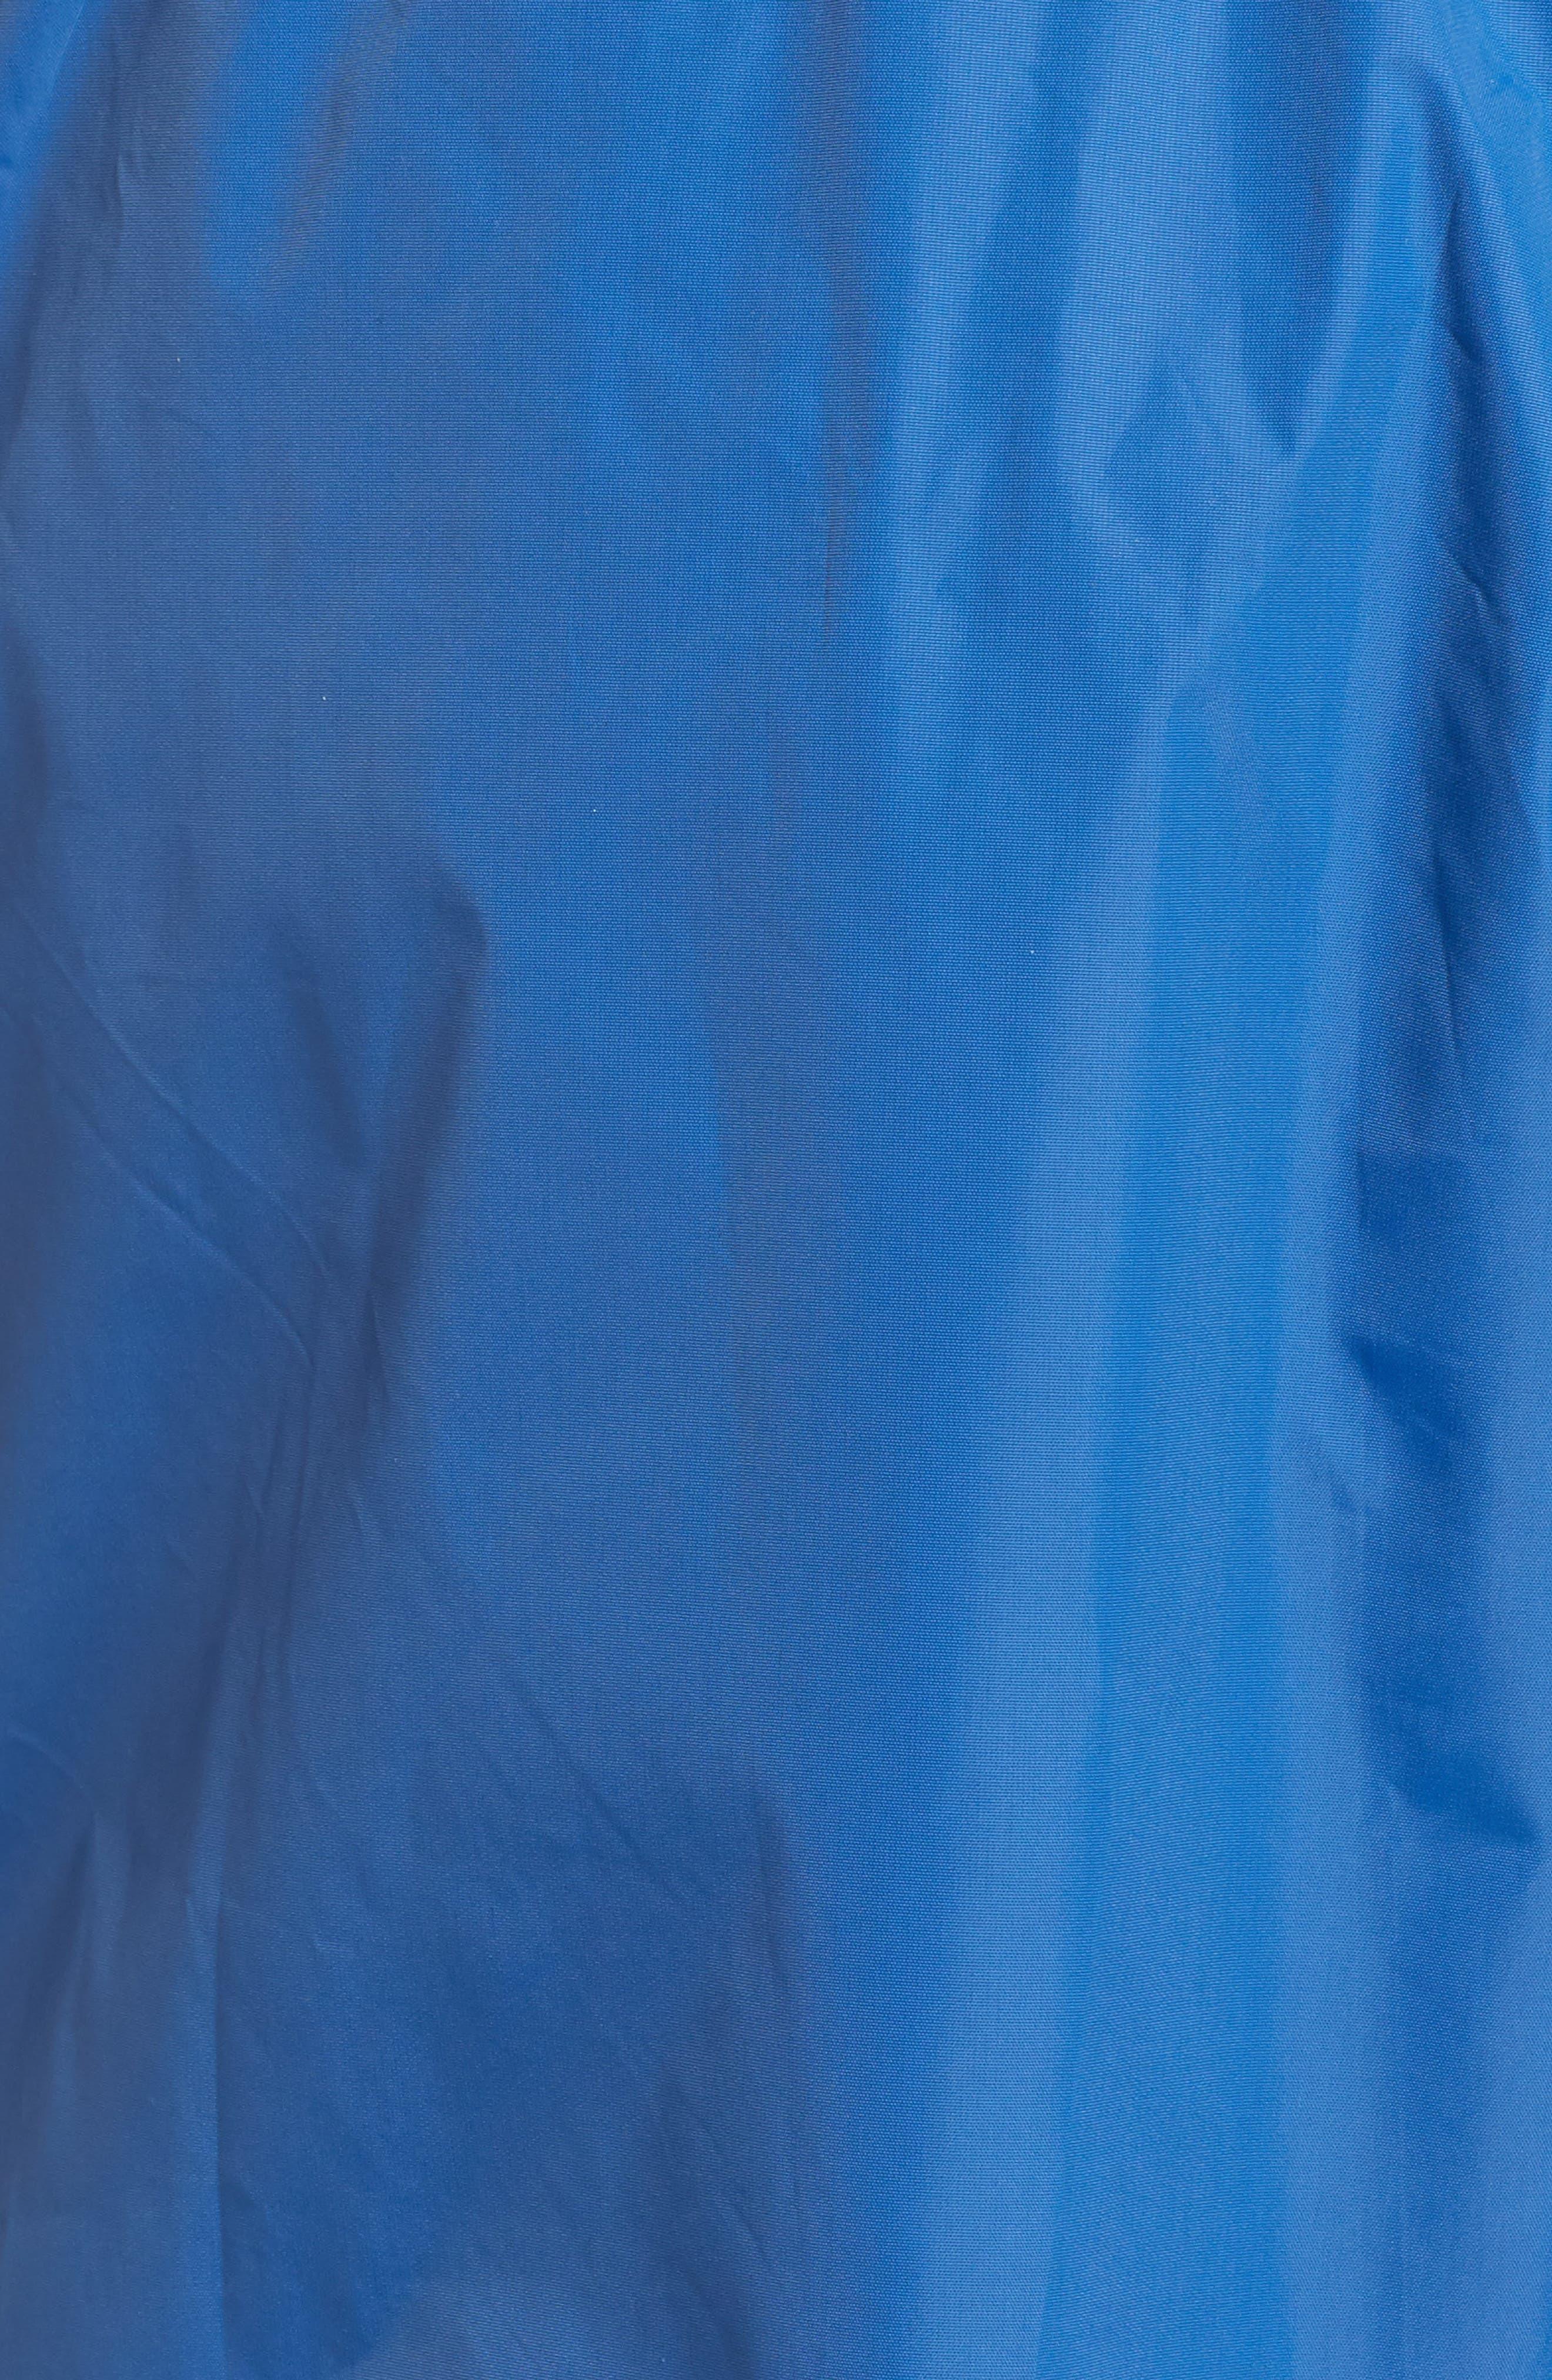 Swim Trunks,                             Alternate thumbnail 5, color,                             Blue